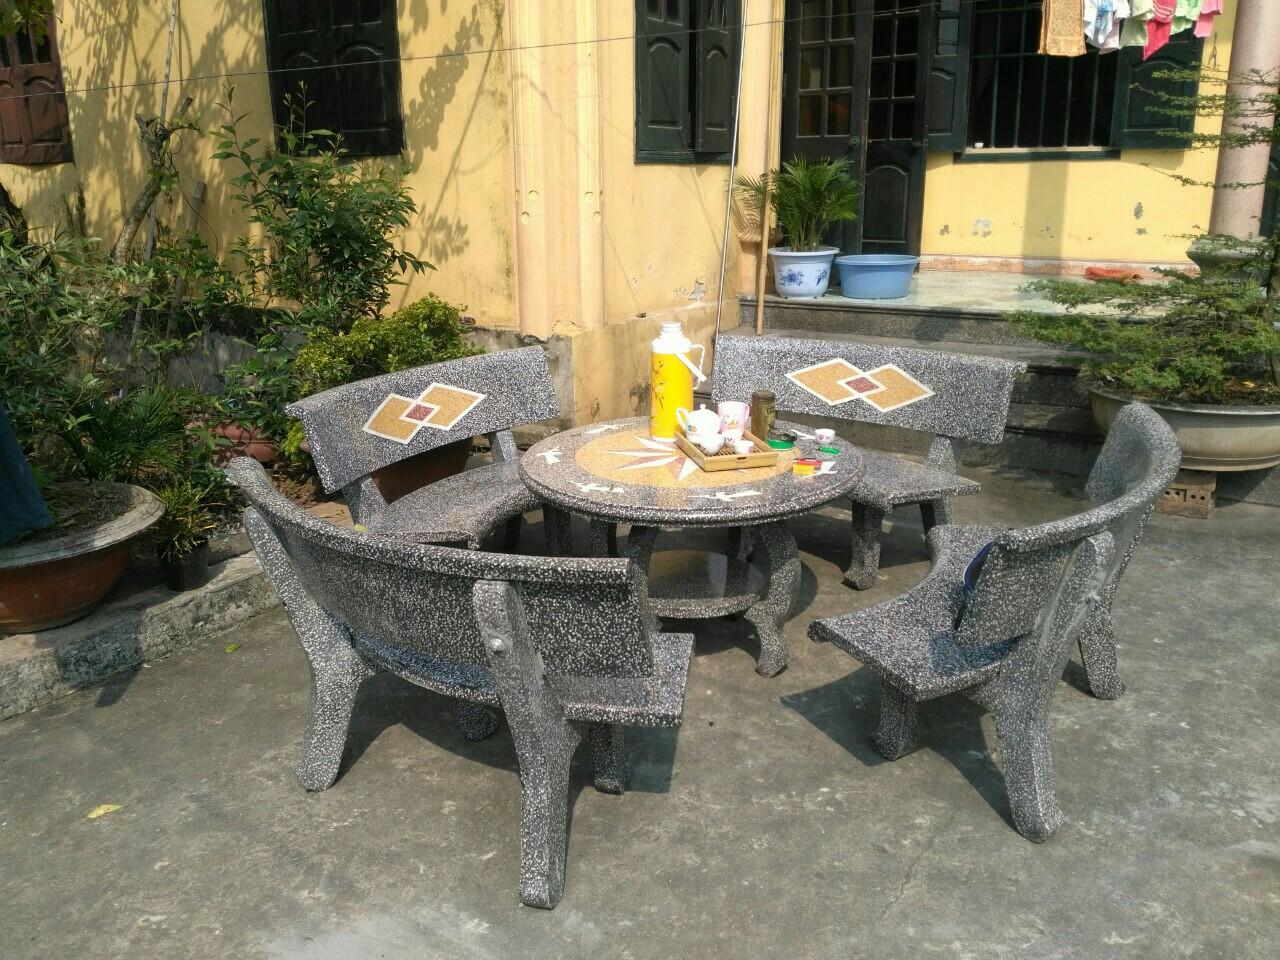 bàn ghế đá sân vườn đẹp miền bắc